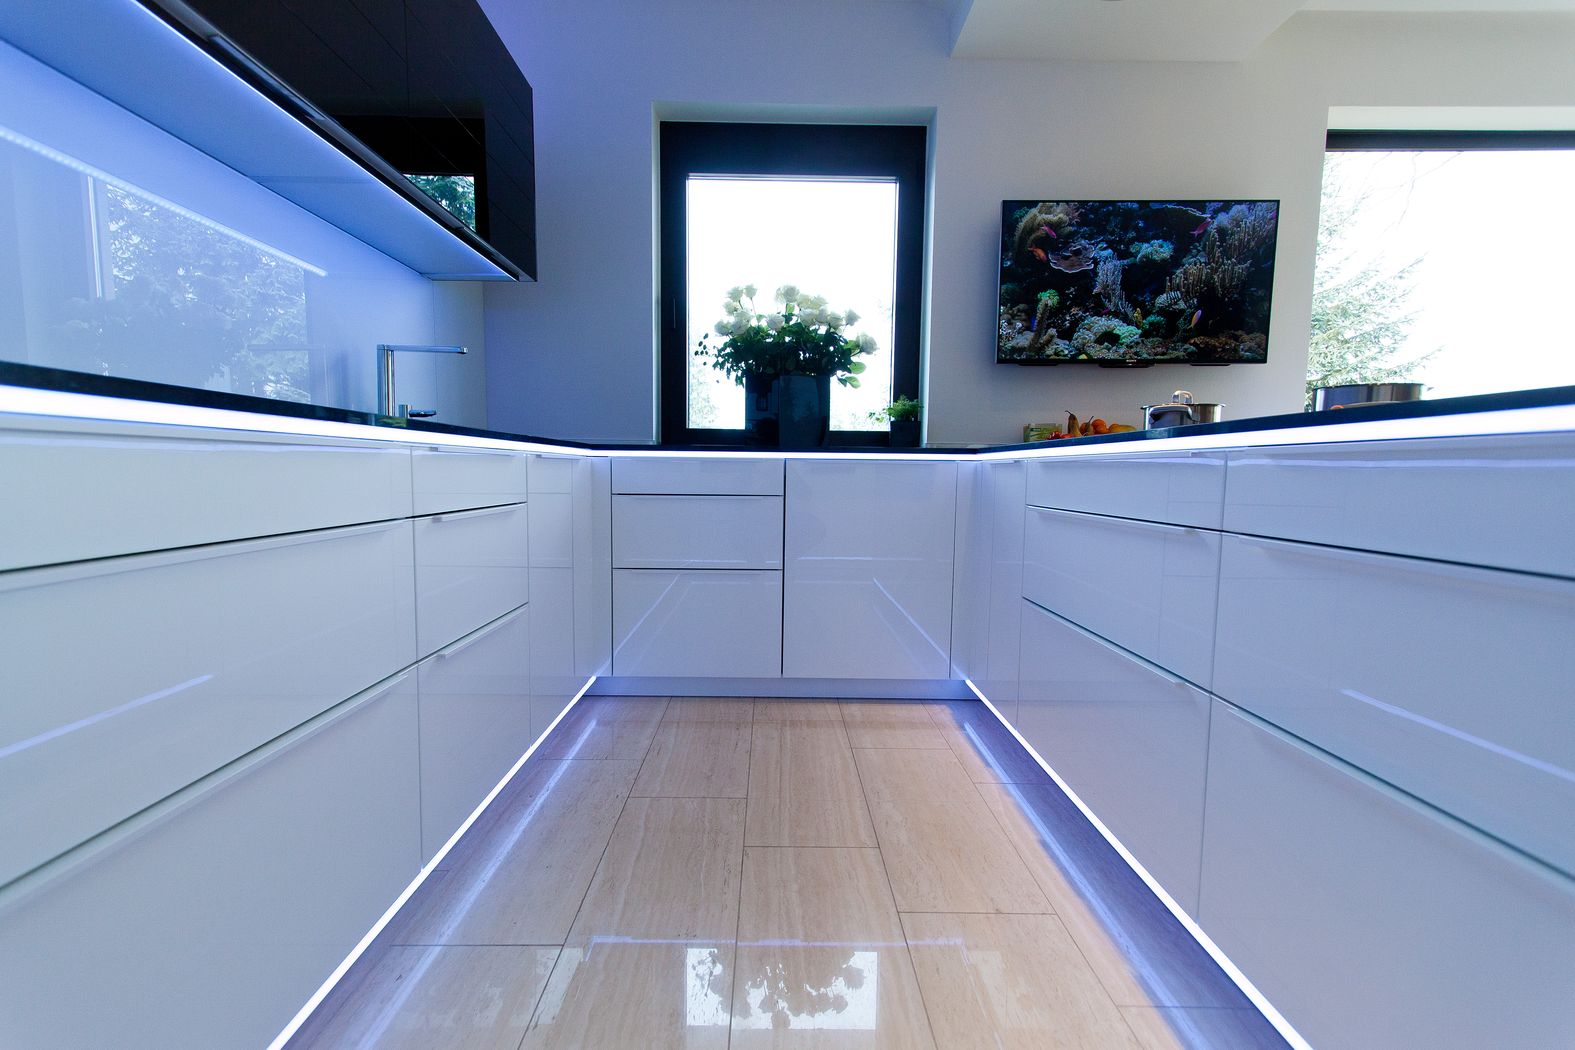 Full Size of Kchenbeleuchtung Das Optimale Licht Und Lampen Fr Kche Küche Selbst Zusammenstellen Polsterbank Planen Kostenlos Kleine Einrichten Beistelltisch Wasserhähne Wohnzimmer Beleuchtung Küche